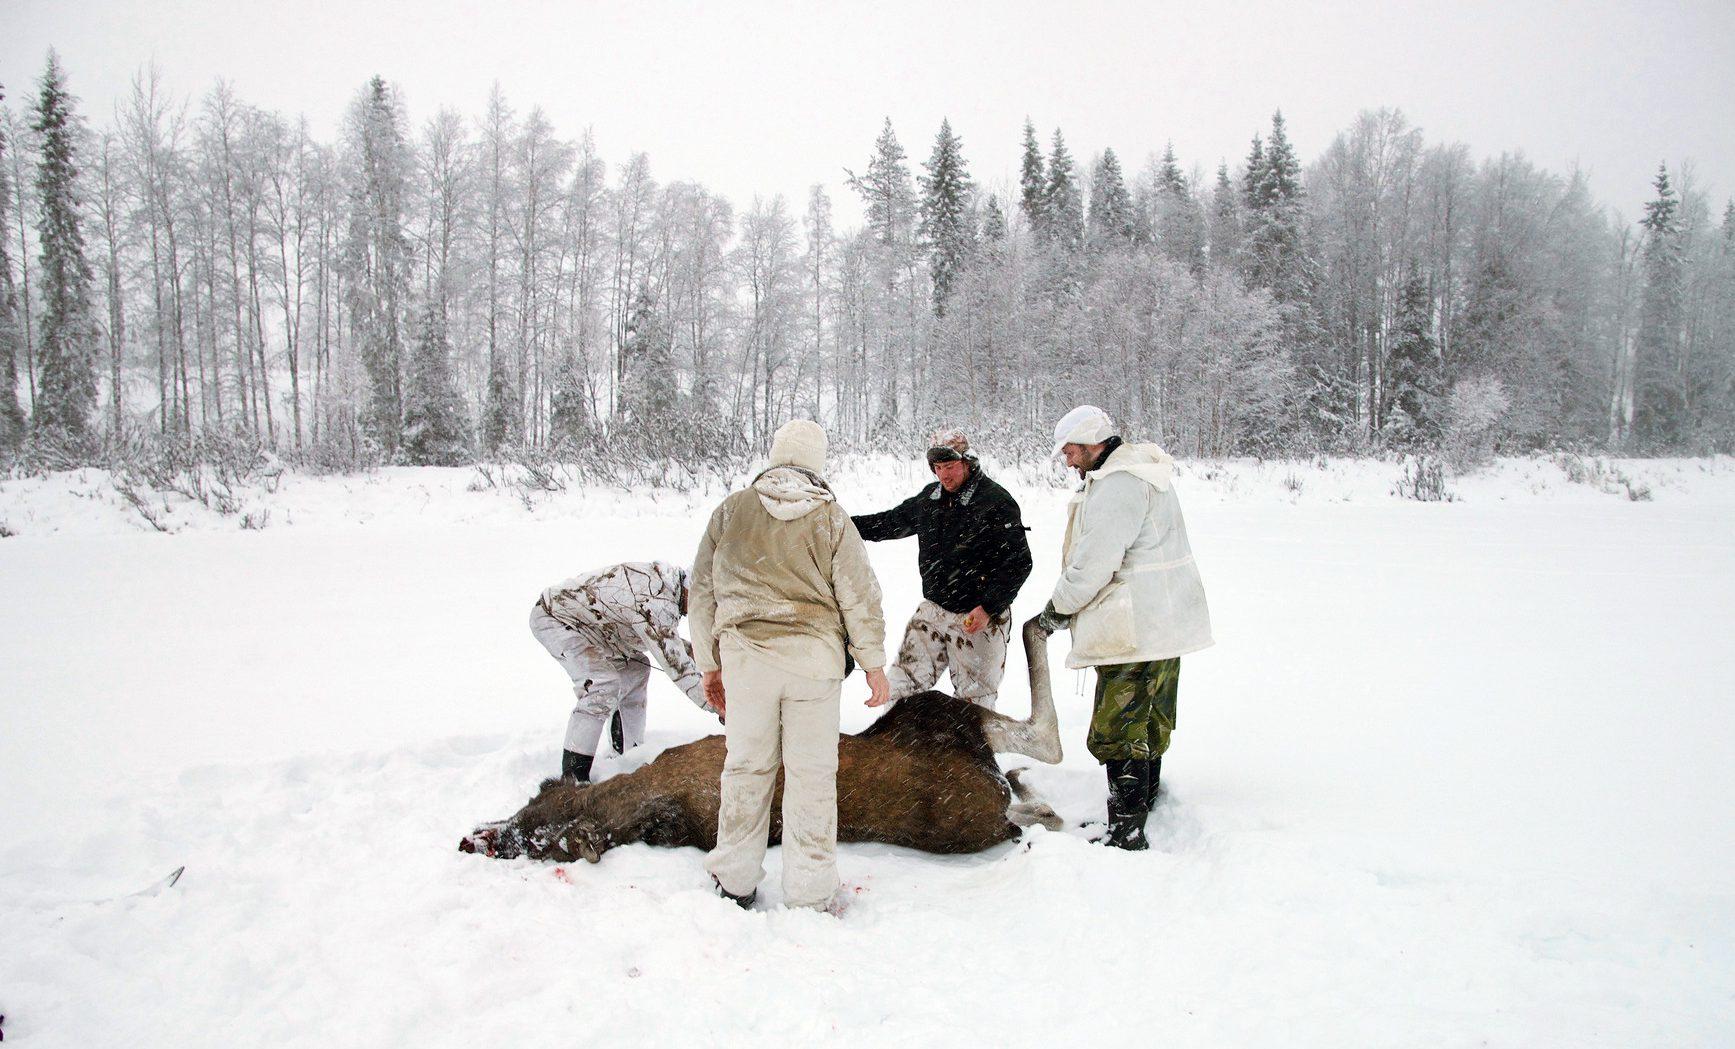 Älgjakt vintertid skapar debatt bland jägarna vad gäller etiken. Foto: Lars-Henrik Andersson